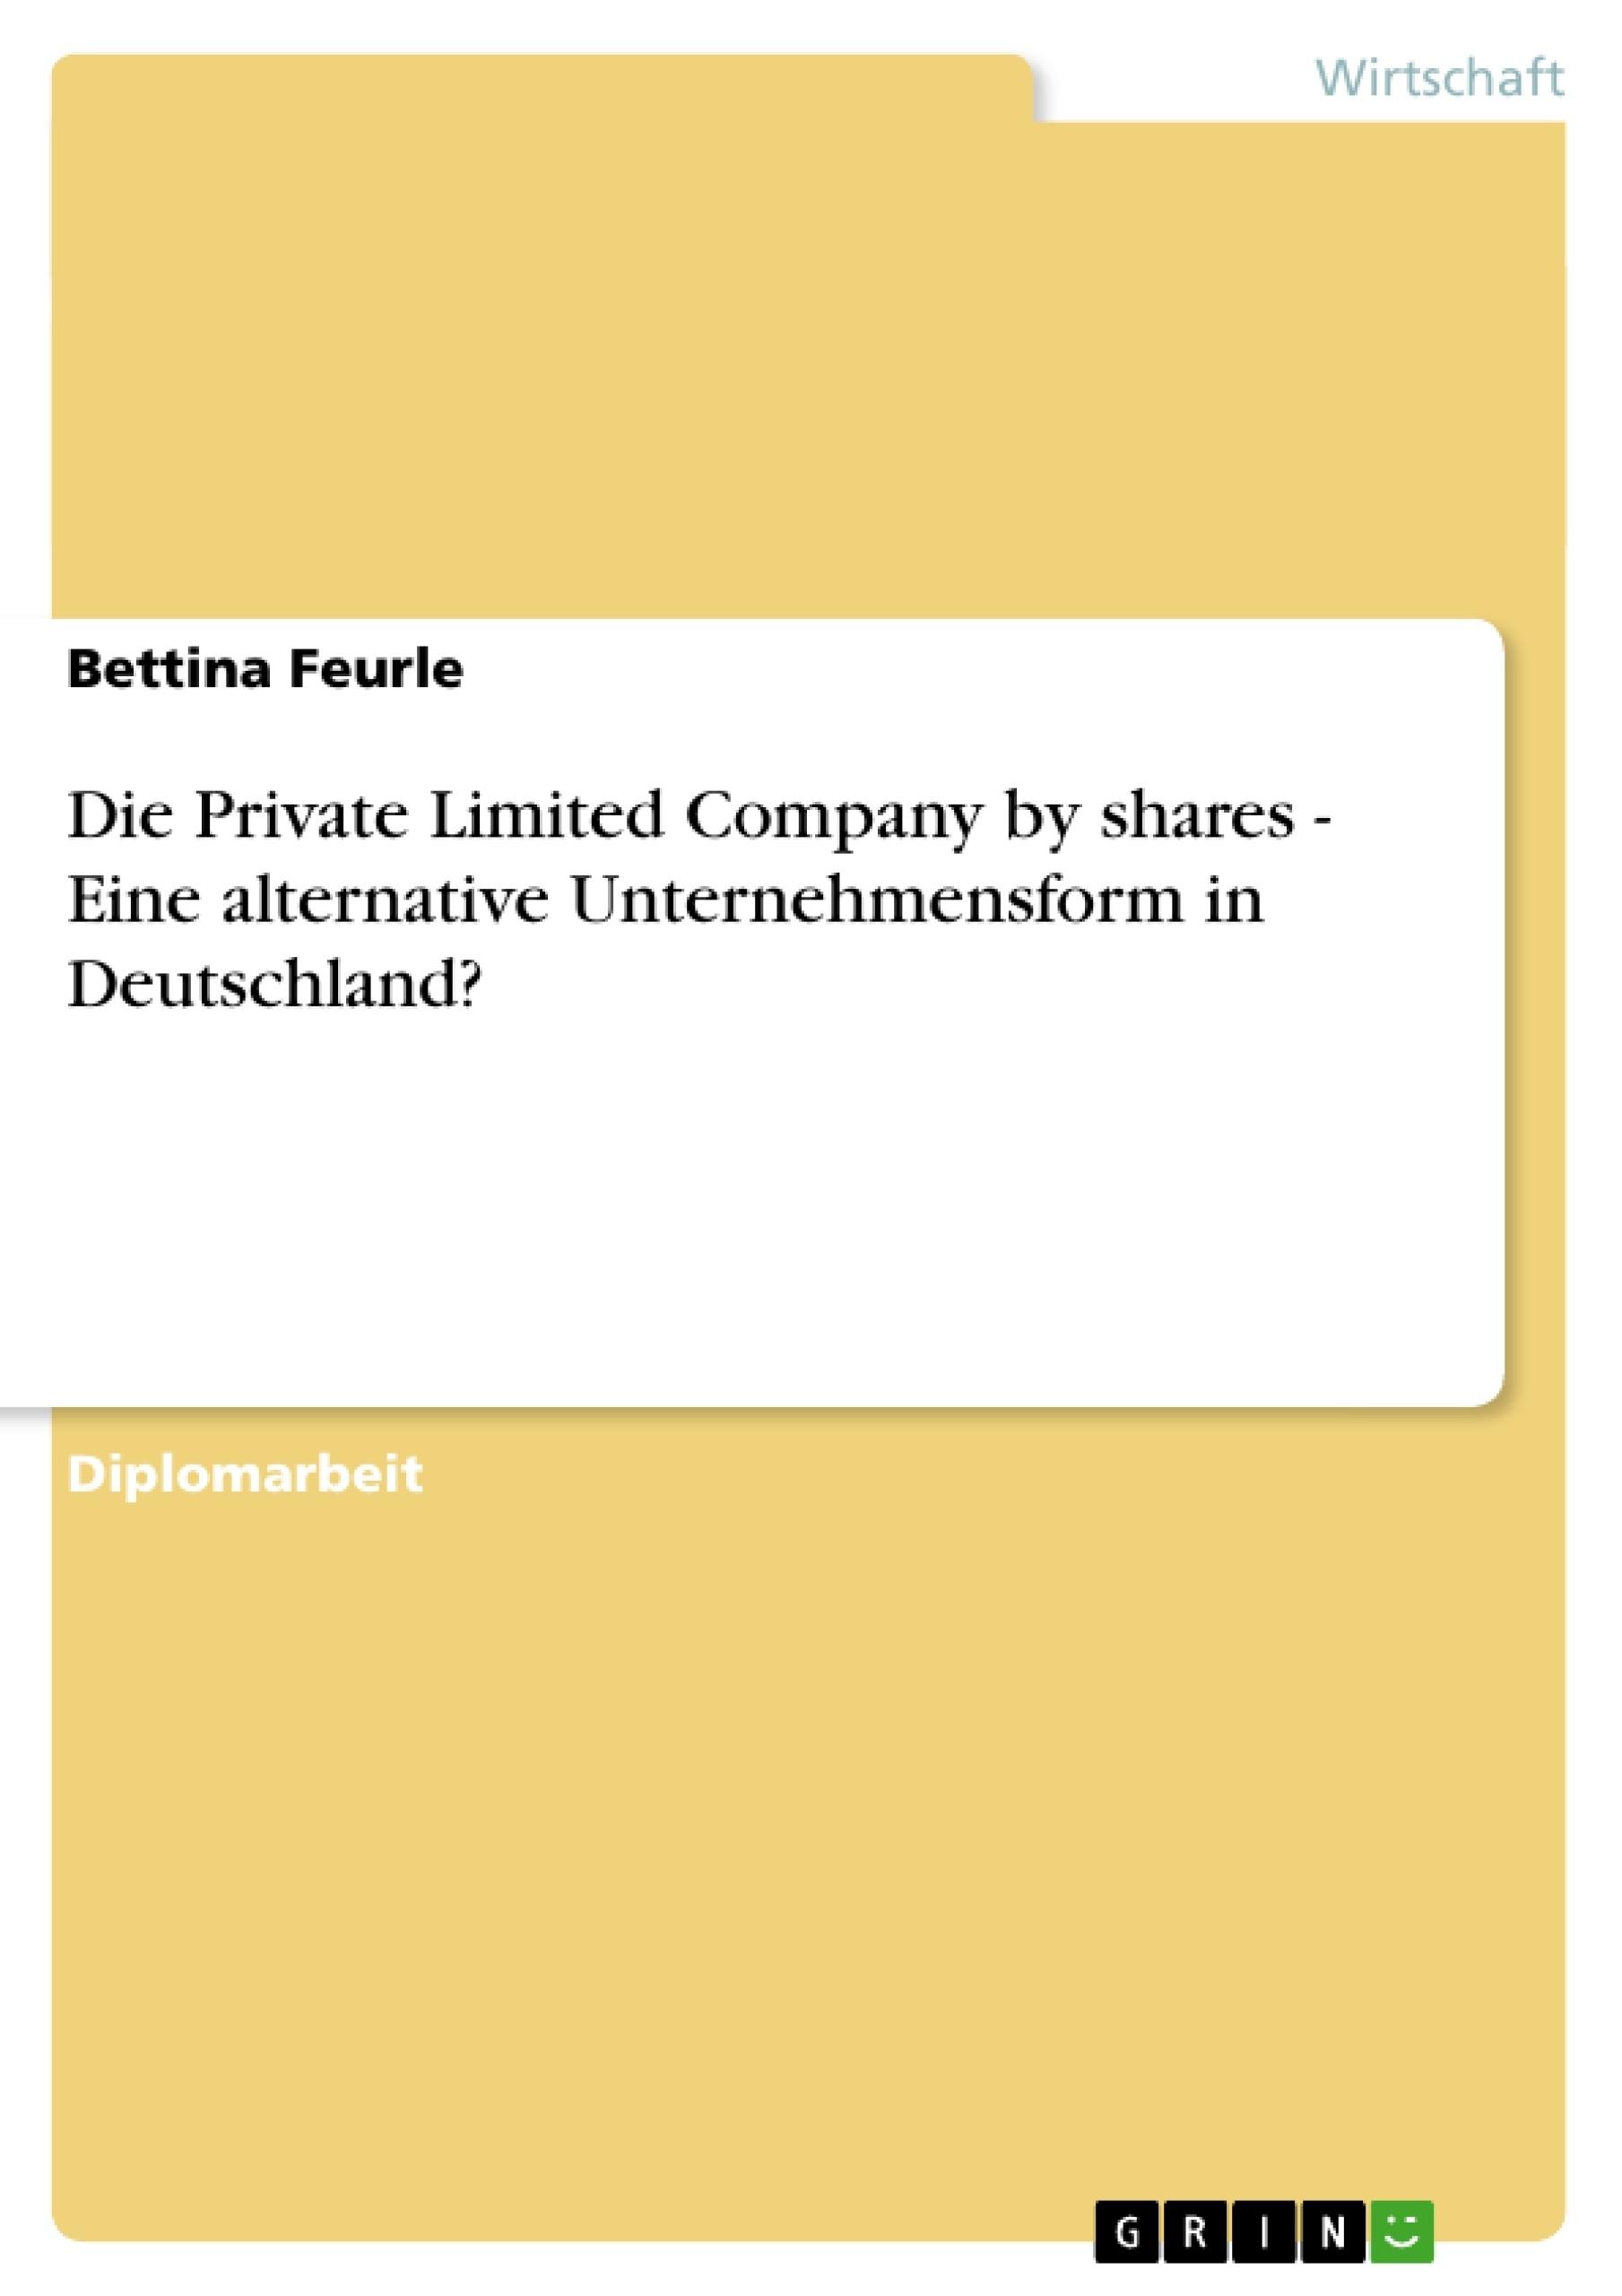 Titel: Die Private Limited Company by shares - Eine alternative Unternehmensform in Deutschland?